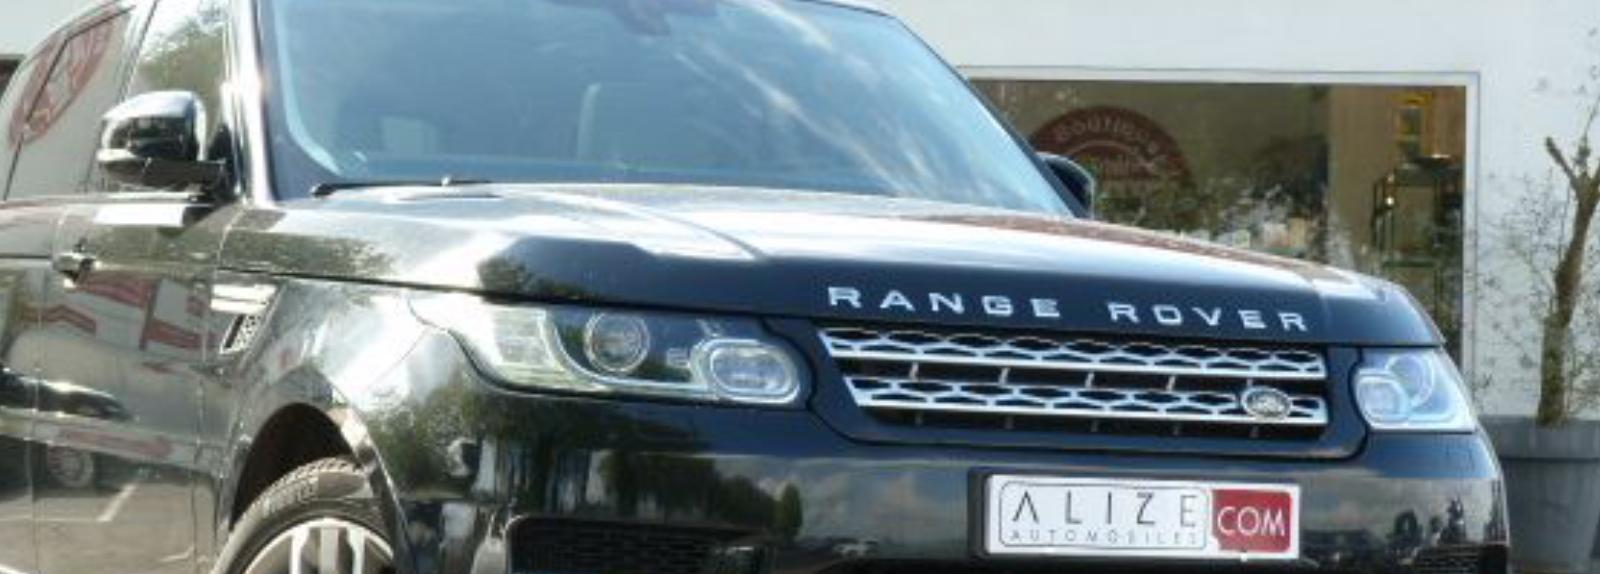 Land-Rover RANGE ROVER SPORT 3.0 SDV6 306 HSE MARK IV